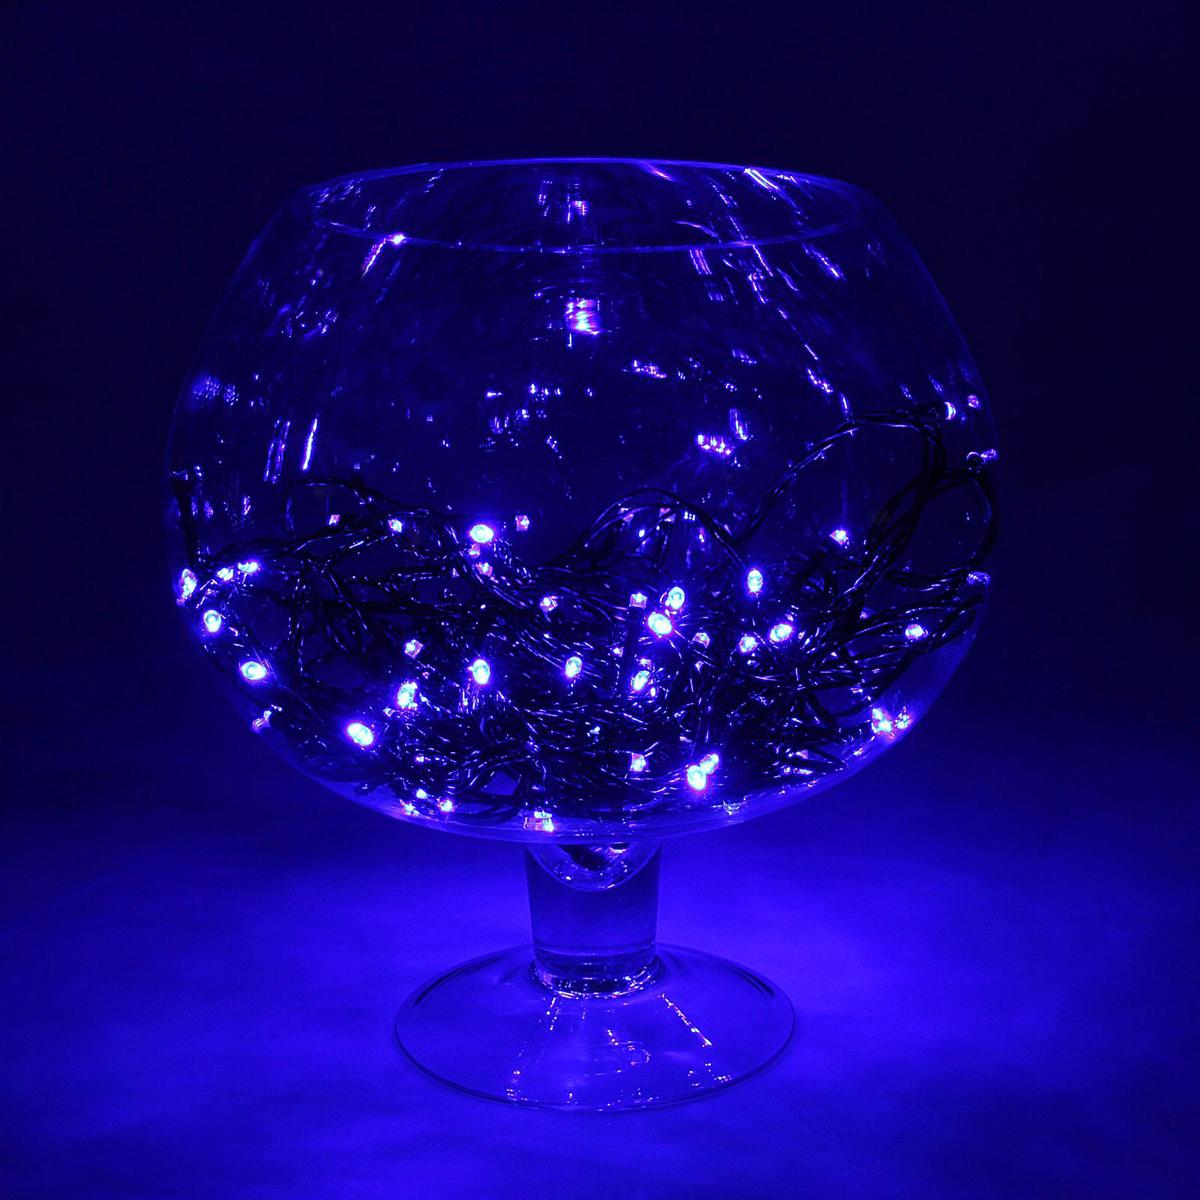 Гирлянда светодиодная Luazon Метраж, уличная, мерцание, 100 ламп, 24 V, 10 м, цвет: синий. 15860091586009Светодиодные гирлянды, ленты и т.д. — это отличный вариант для новогоднего оформления интерьера или фасада. С их помощью помещение любого размера можно превратить в праздничный зал, а внешние элементы зданий, украшенные ими, мгновенно станут напоминать очертания сказочного дворца. Такие украшения создают ауру предвкушения чуда. Деревья, фасады, витрины, окна и арки будто специально созданы, чтобы вы украсили их светящимися нитями.